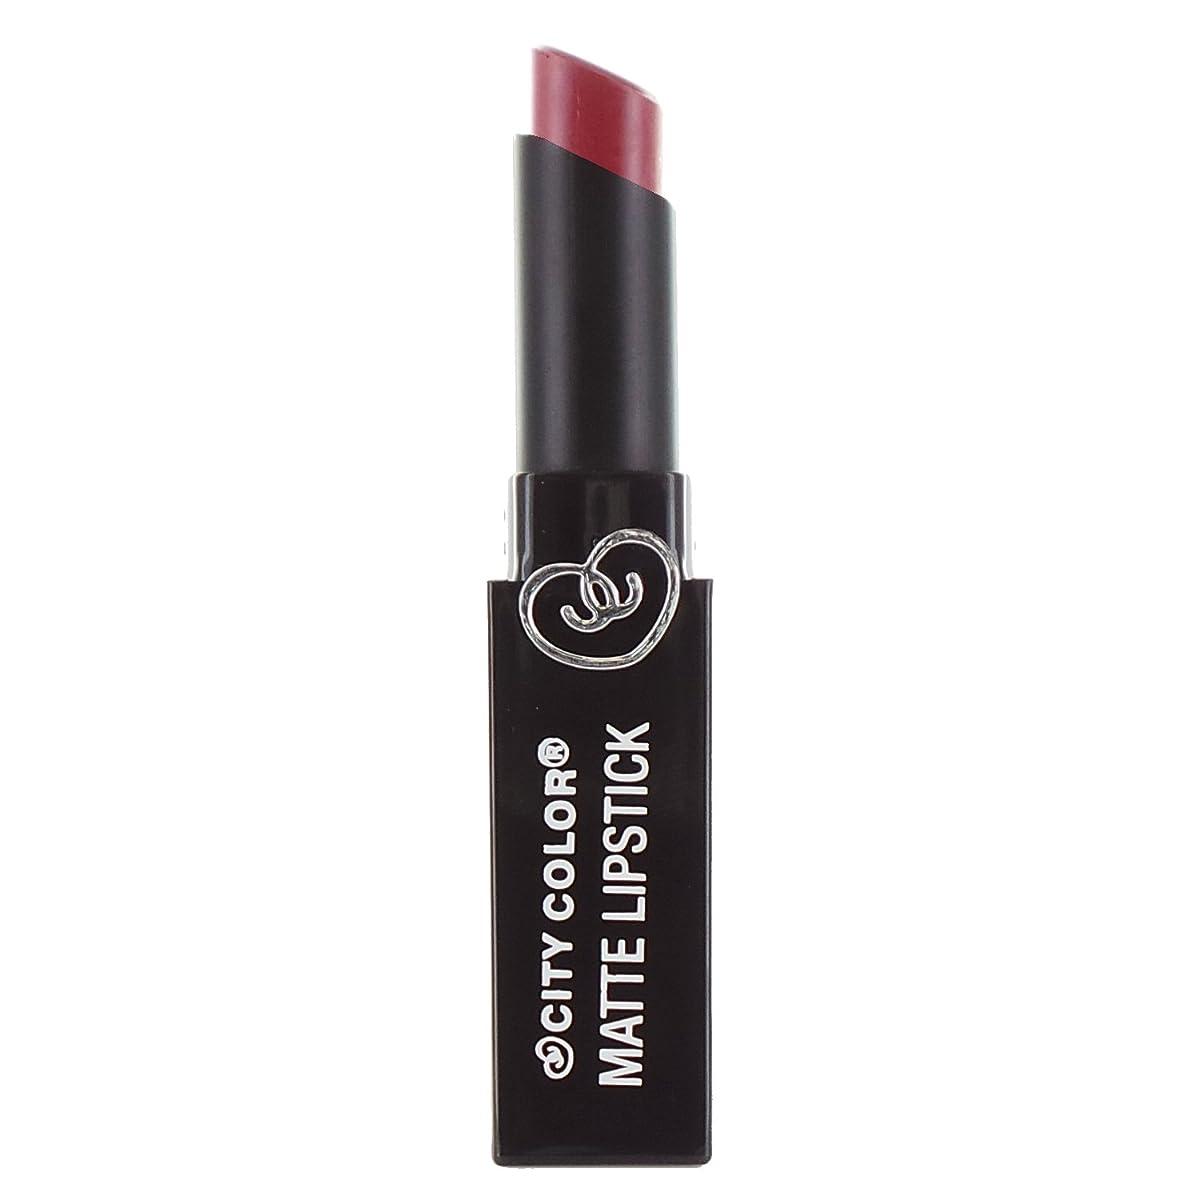 引き受ける犯罪アンティーク(3 Pack) CITY COLOR Matte Lipstick L0050 - Romantic Rose (並行輸入品)